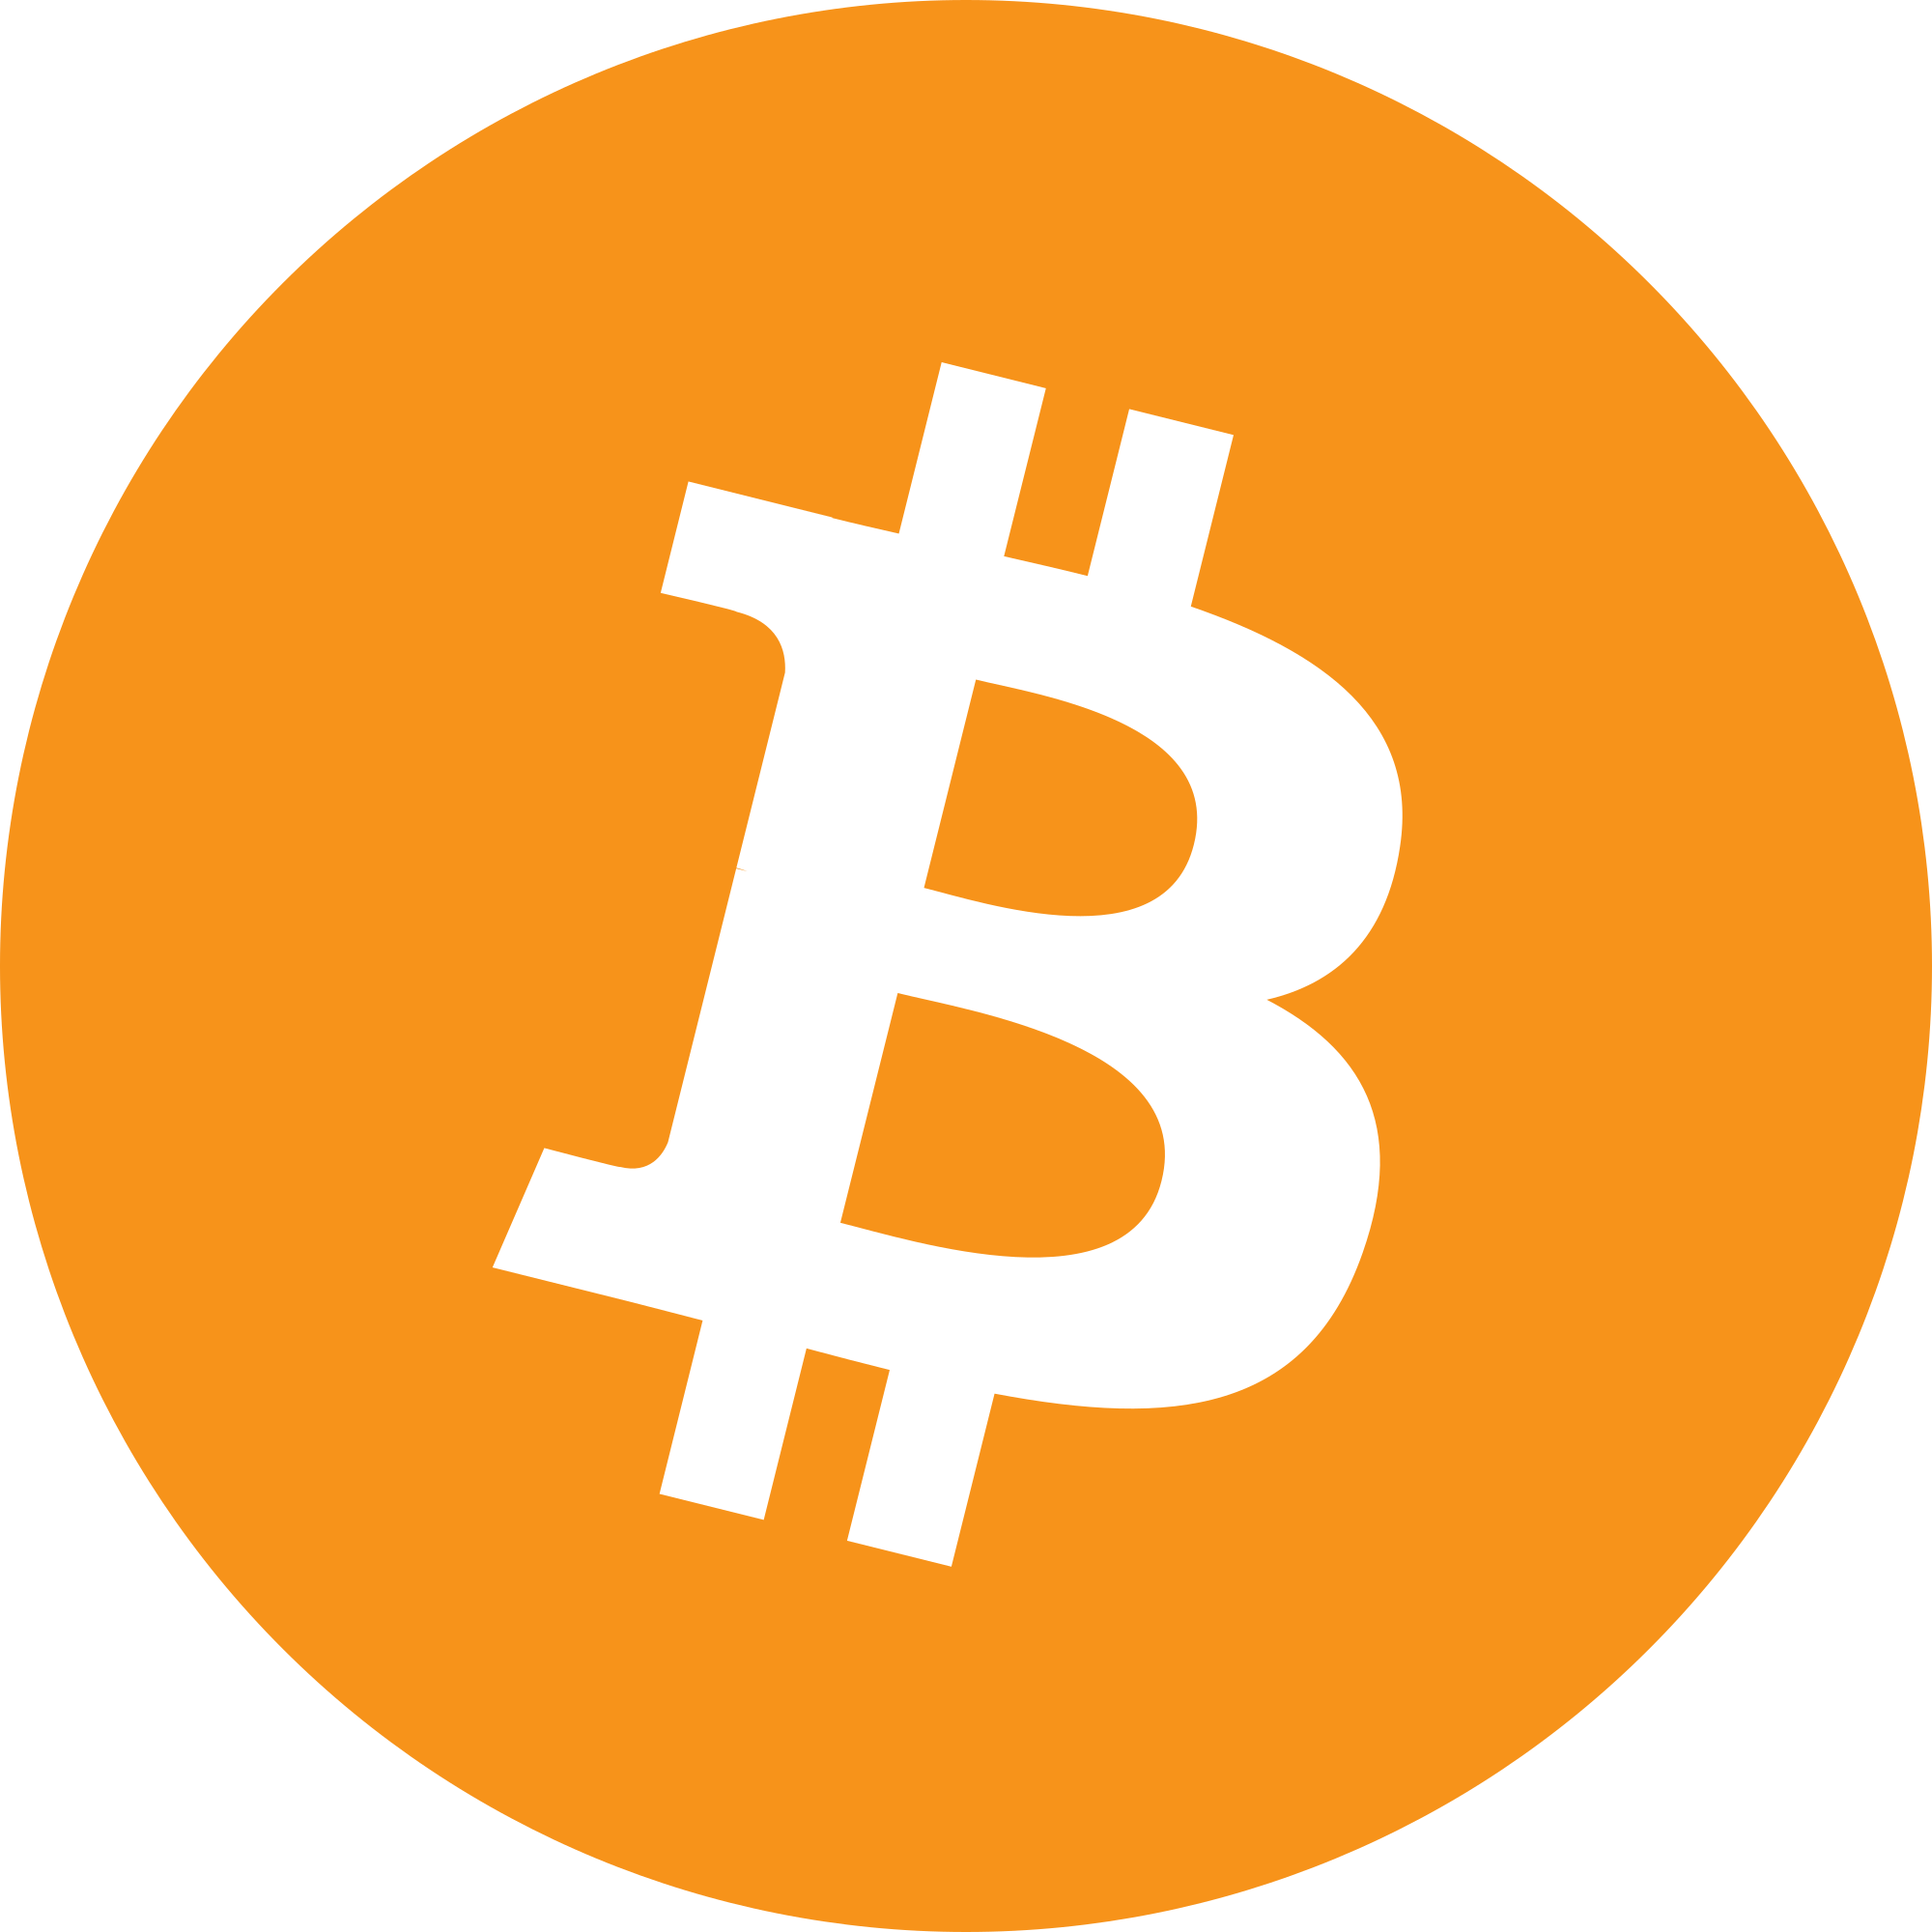 Bitcoin btc Logo - The Giving Block